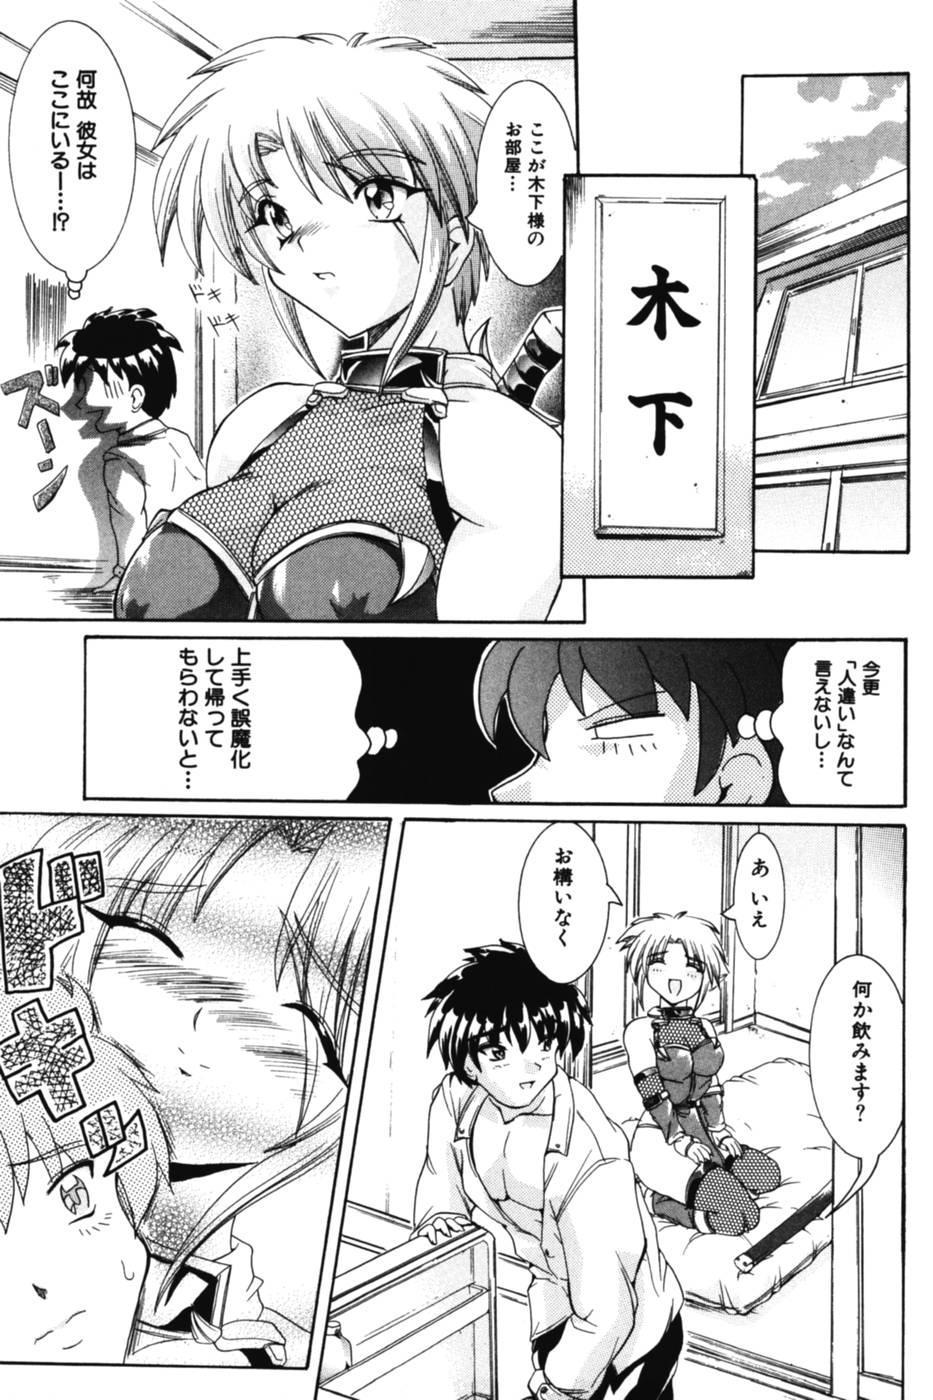 Onee-sama no Yuuwaku 132